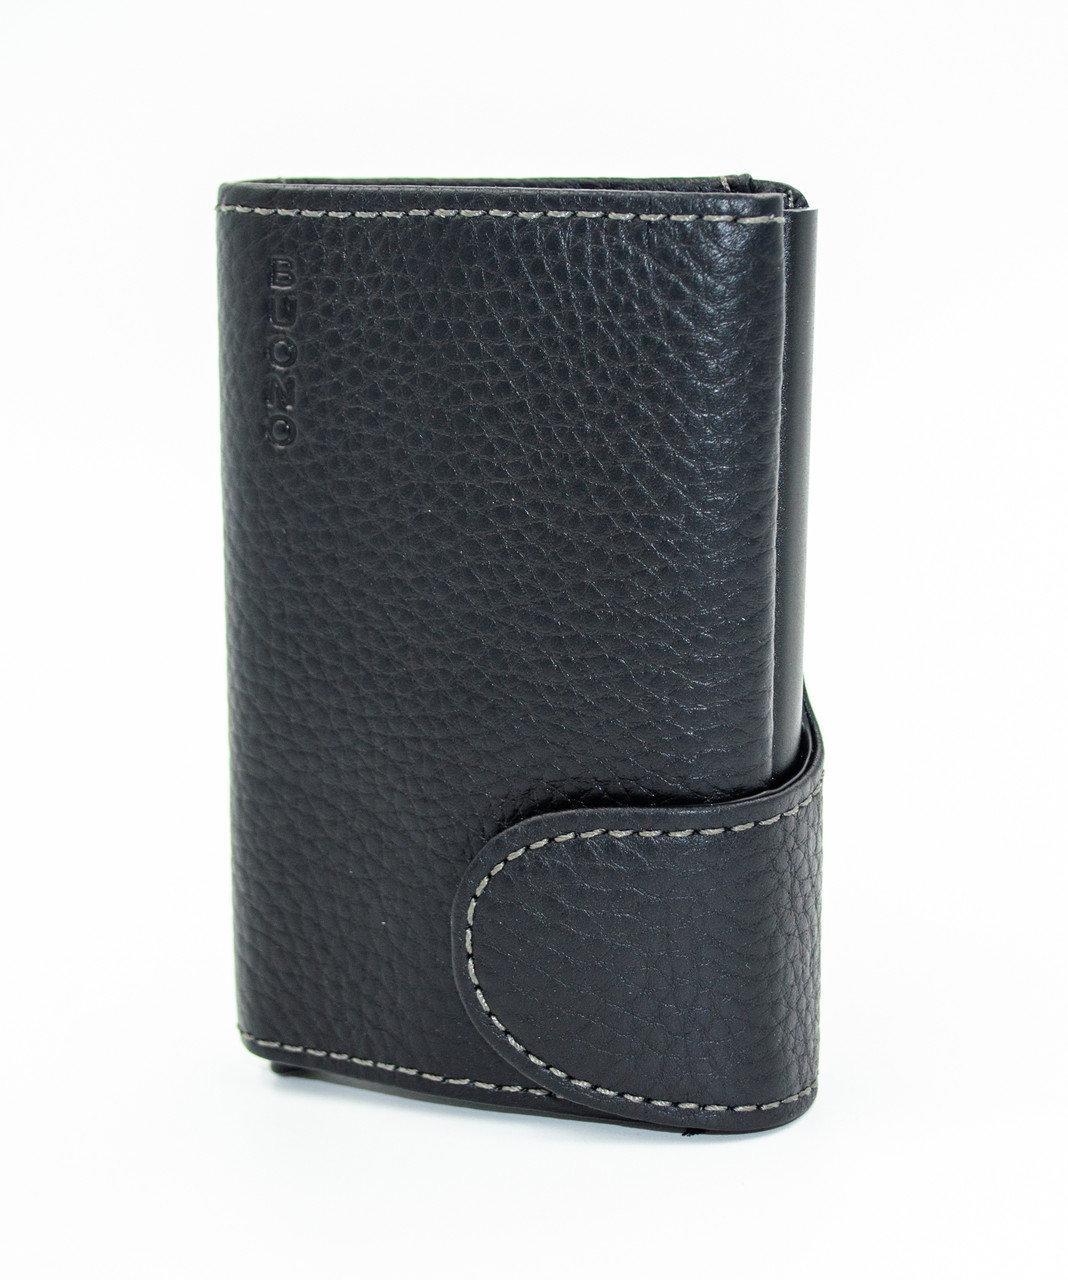 Кожаный кошелек и держатель для кредитных карт из натуральной кожи, цвет черный